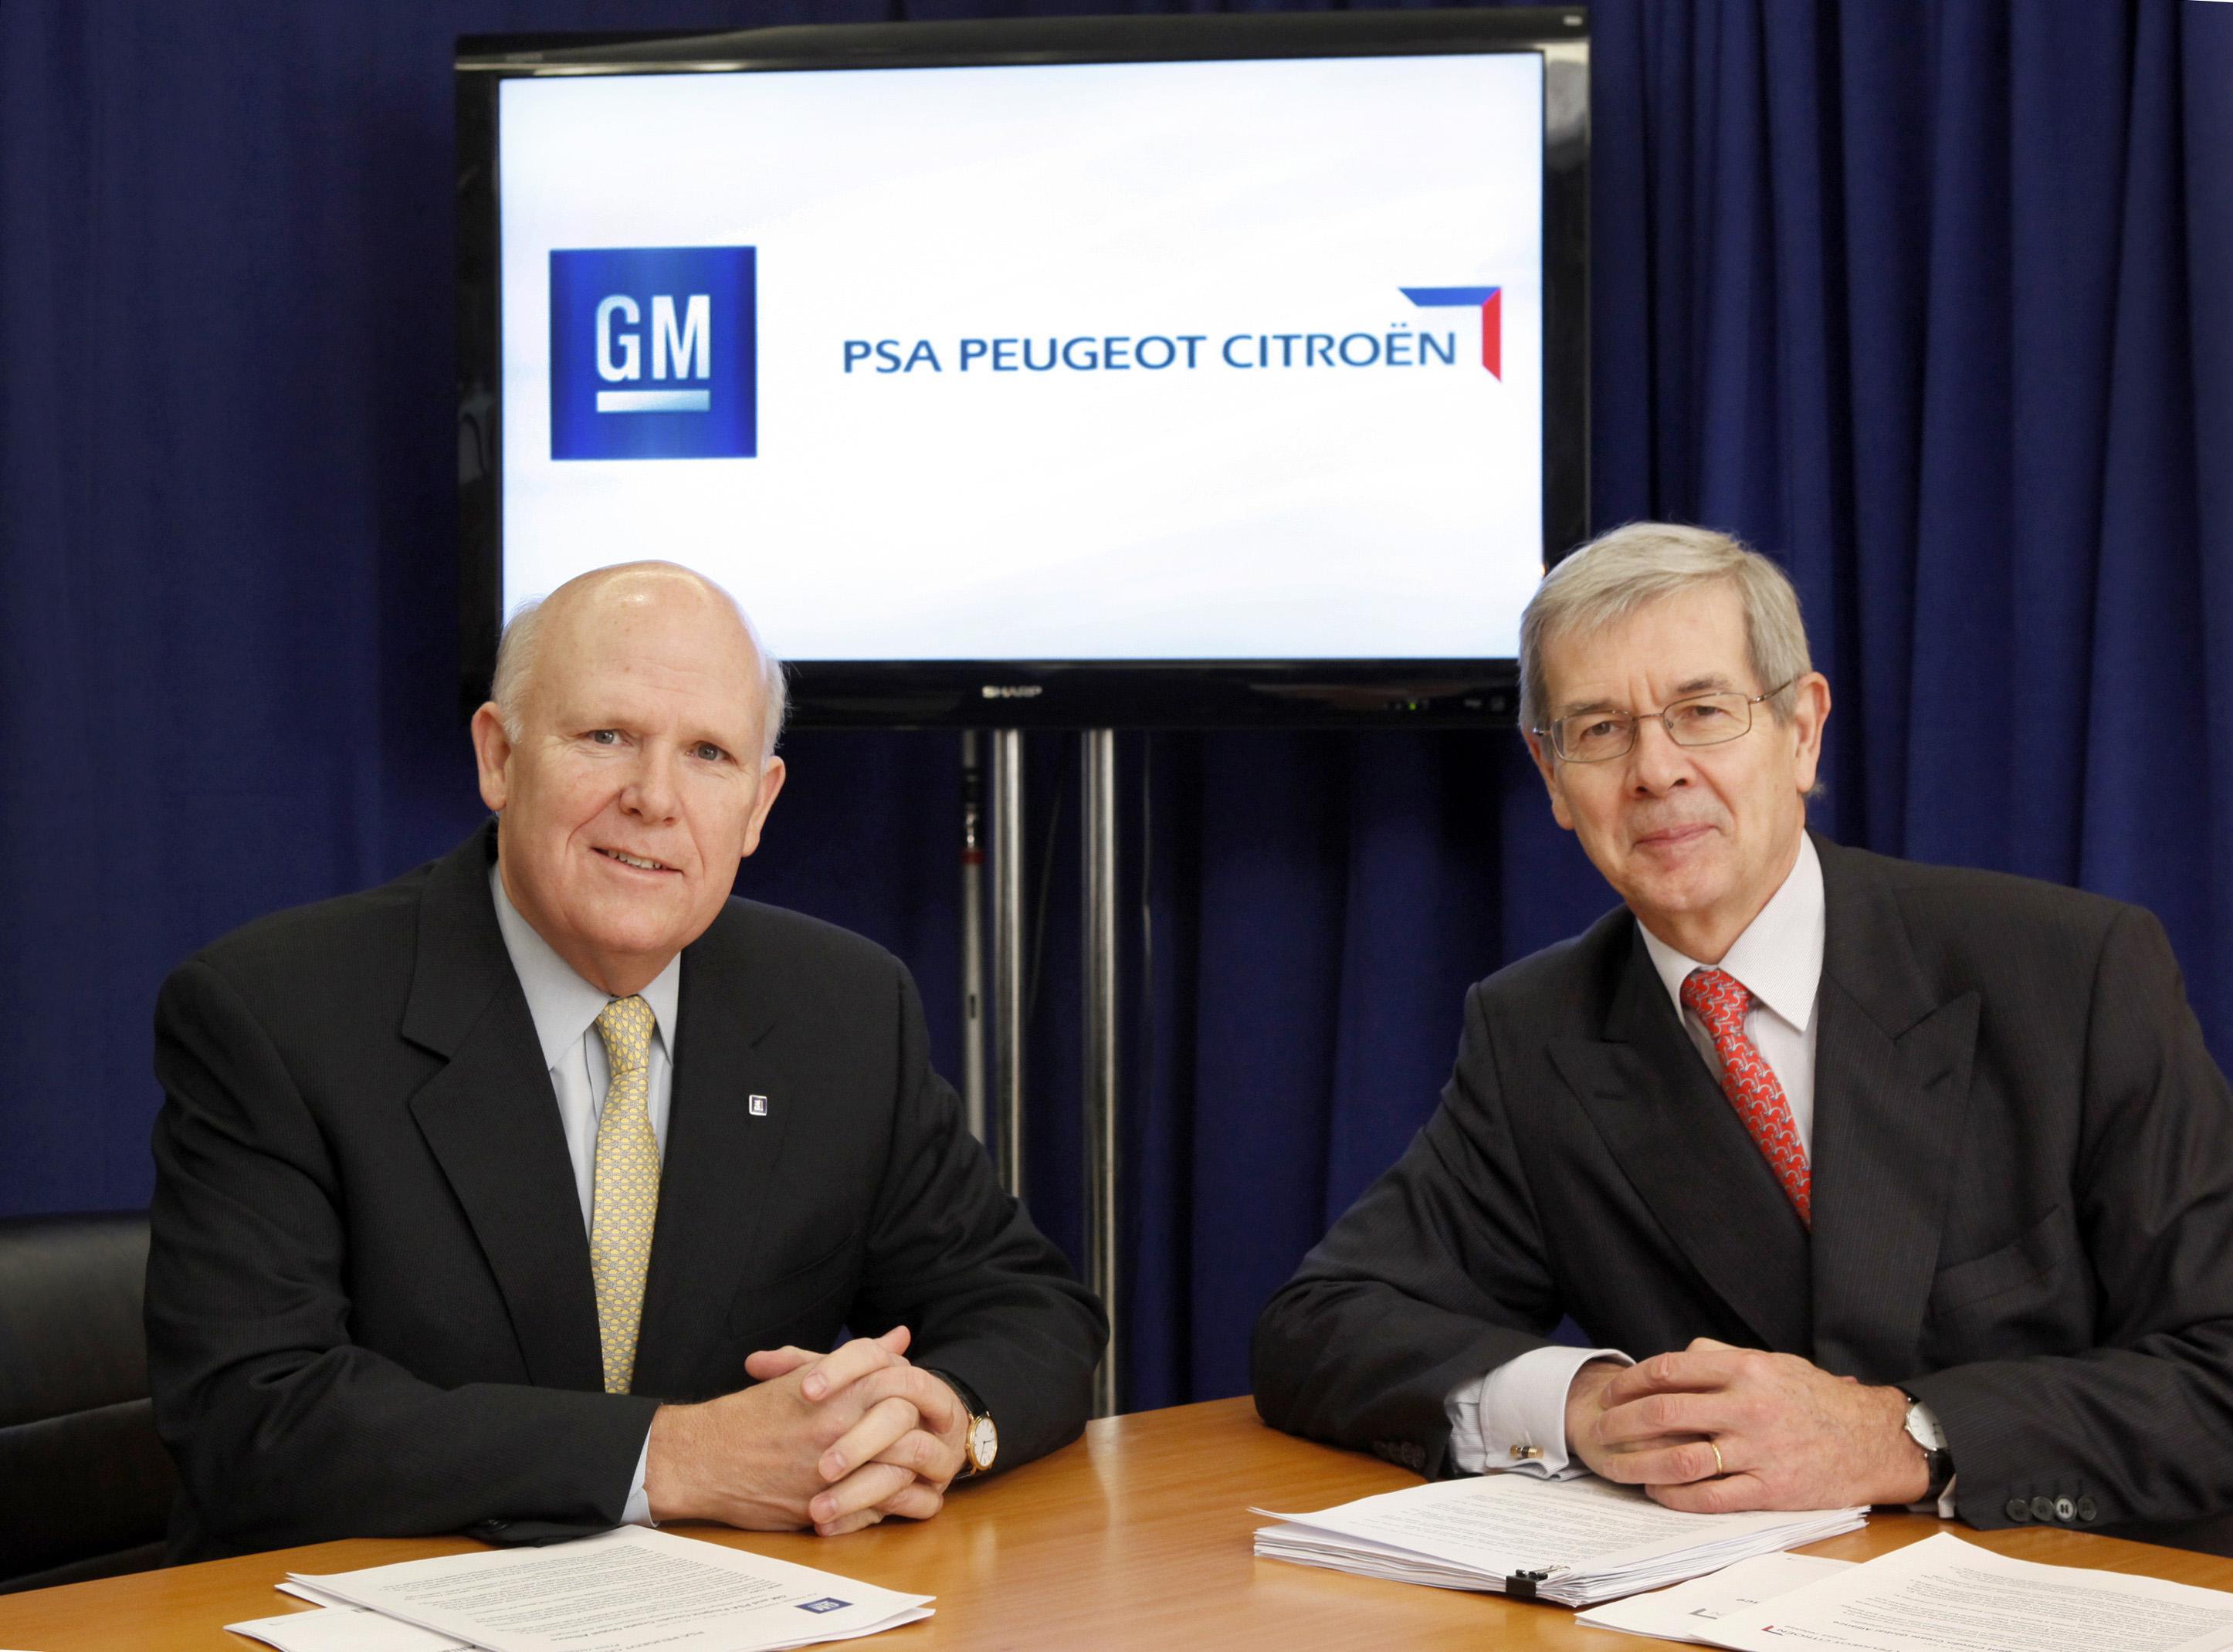 GM e PSA Peugeot Citroën firmam aliança global para ações na Europa